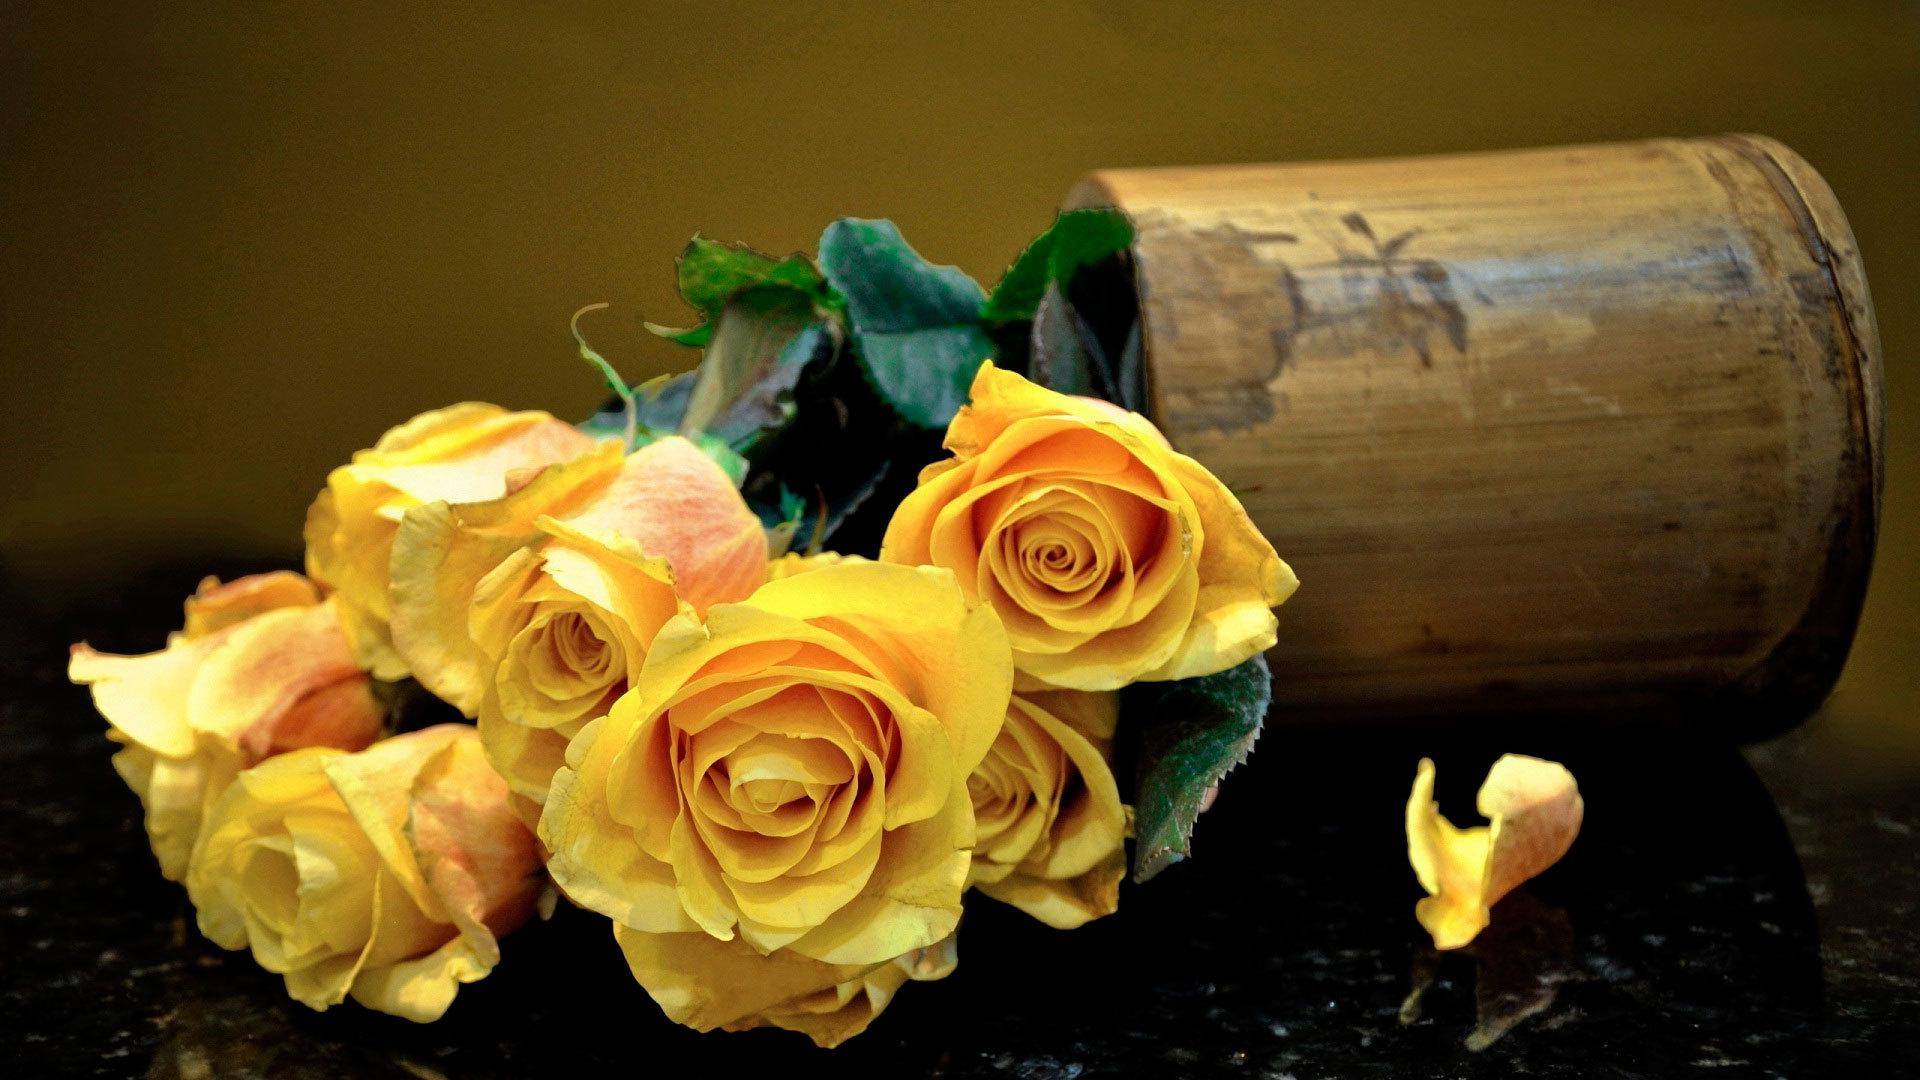 розы, желтые, букет, зелень анонимно